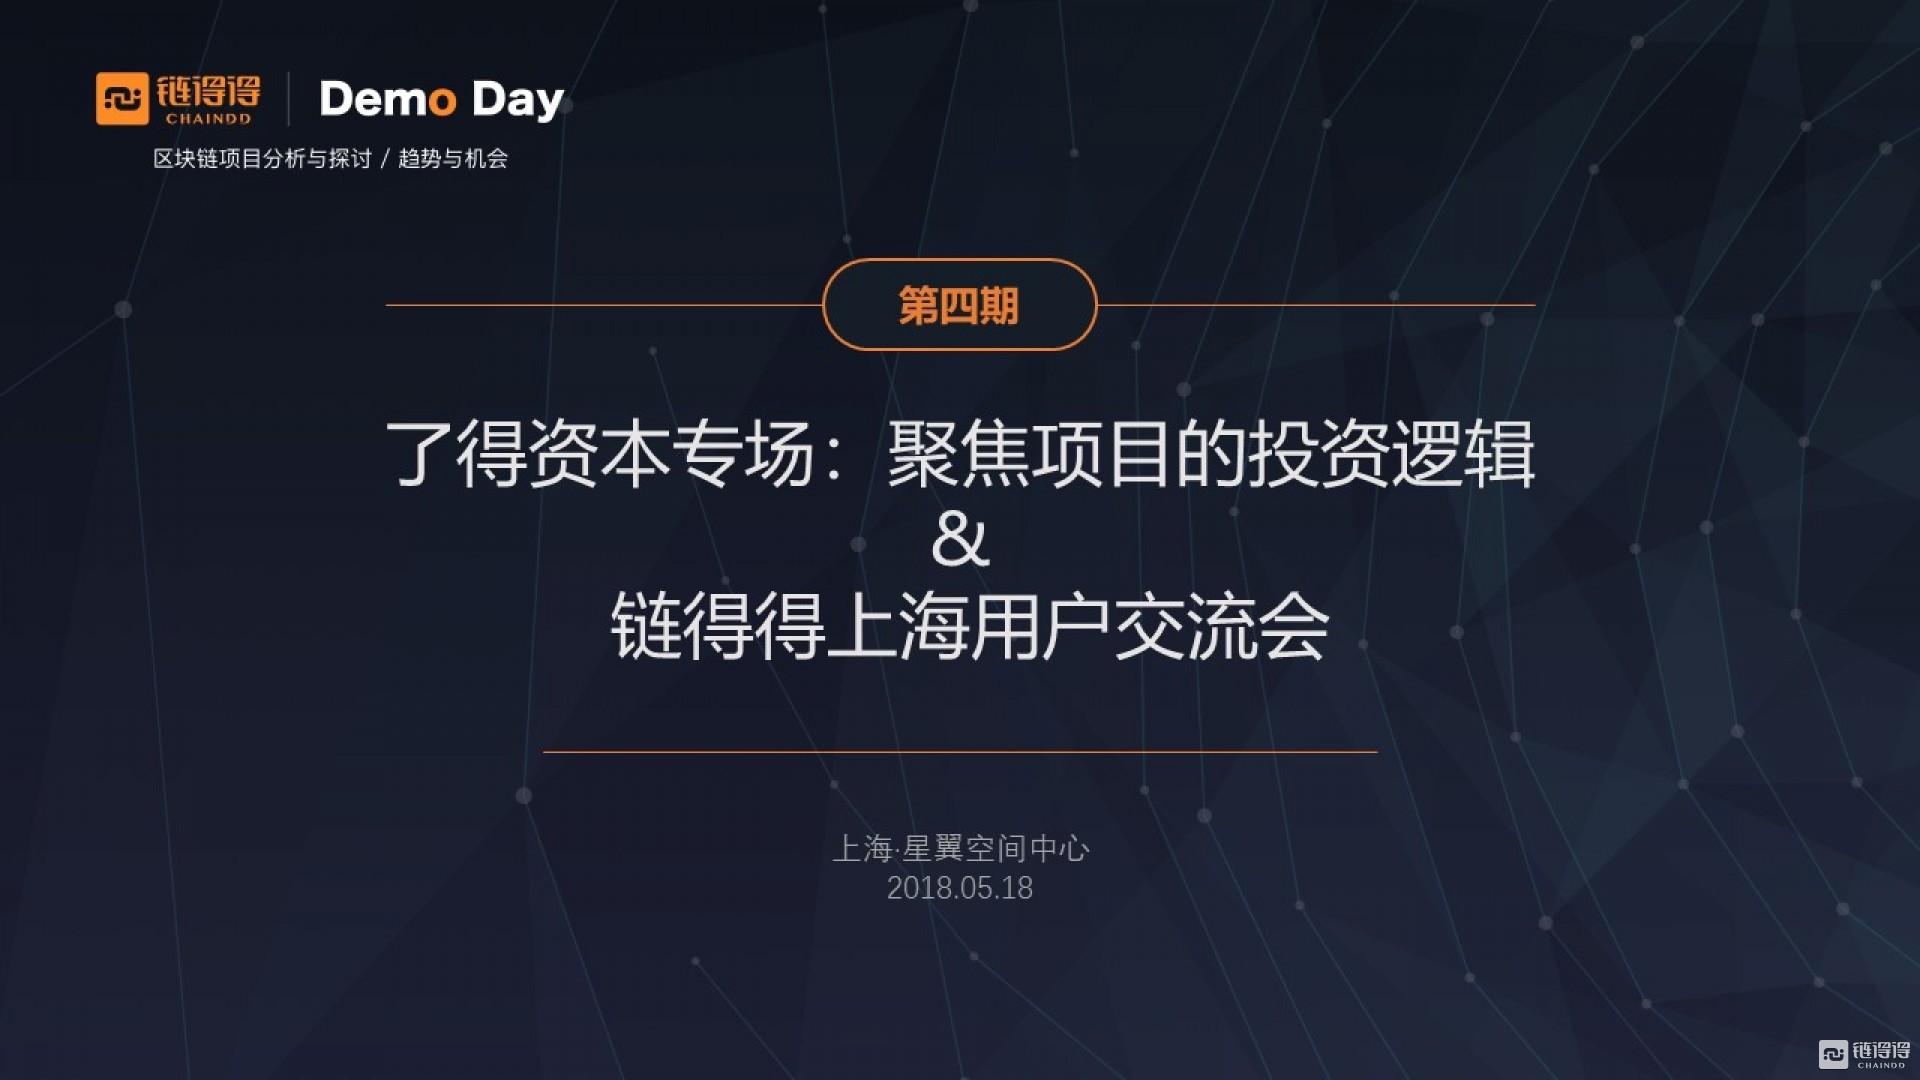 【链得得Demo Day】第四期|了得资本专场:聚焦项目投资逻辑